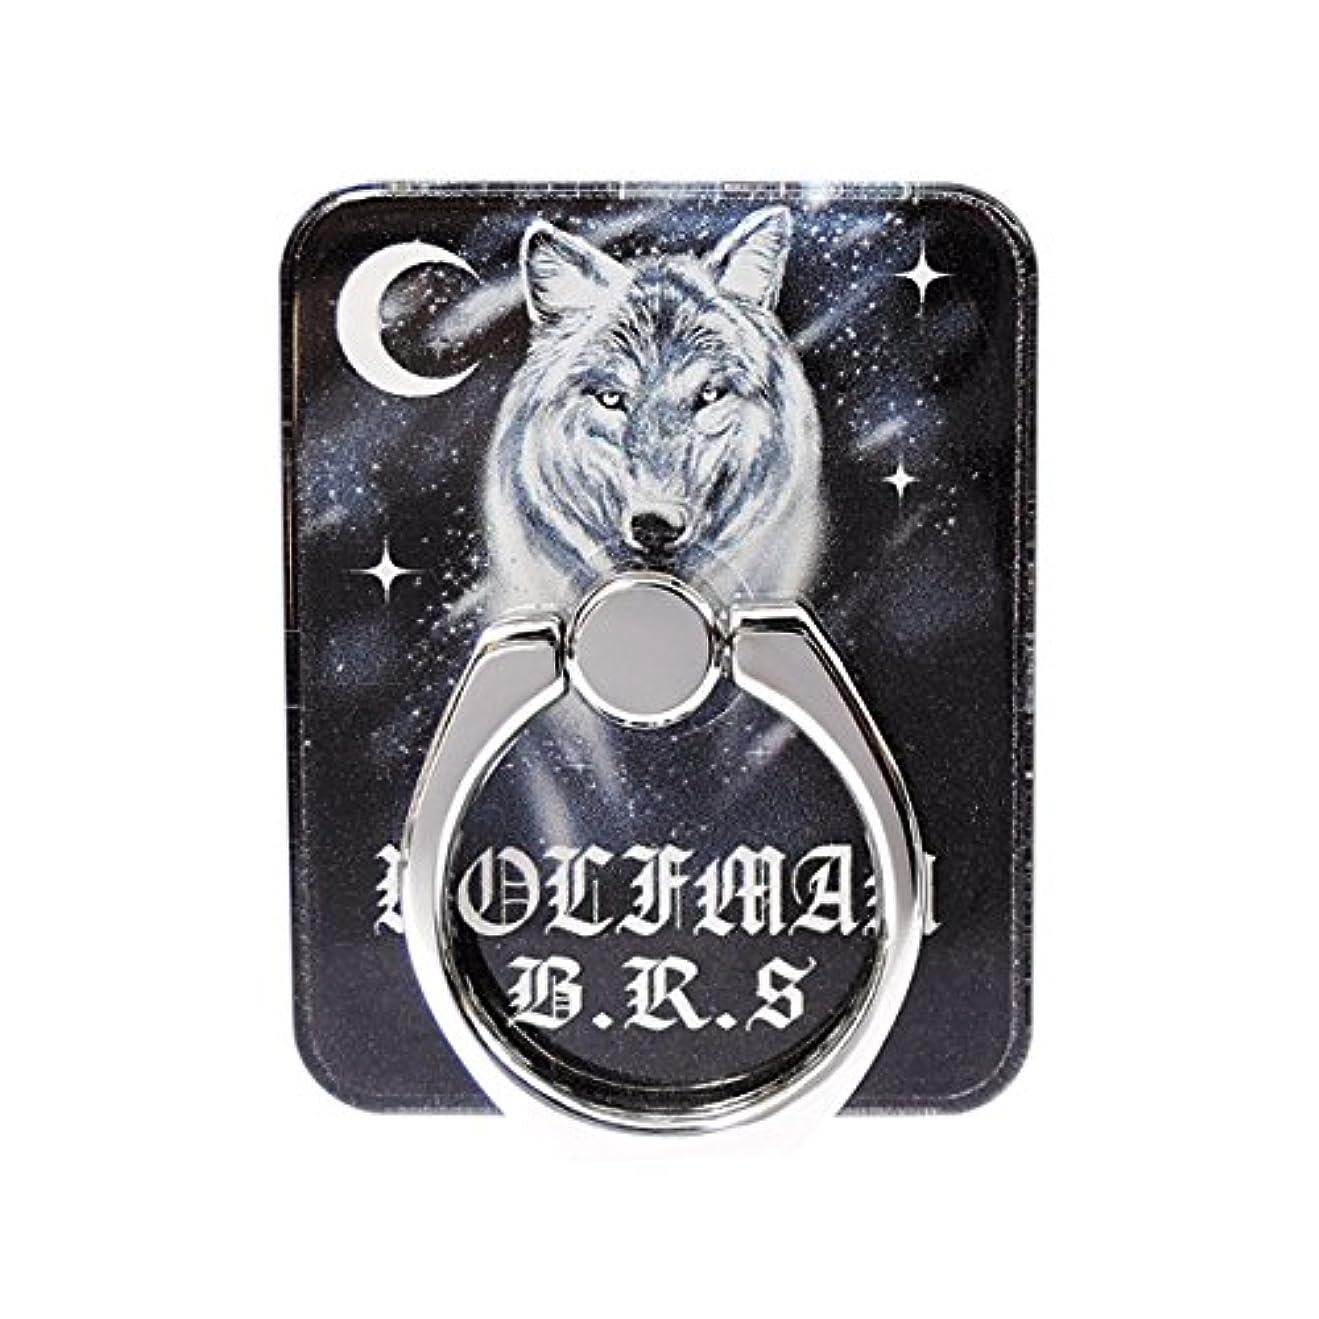 離婚できないWOLFMAN B.R.S ウルフマンBRS シルバーアクセサリースマホリング 携帯アクセサリー 携帯 リング リアルウルフ